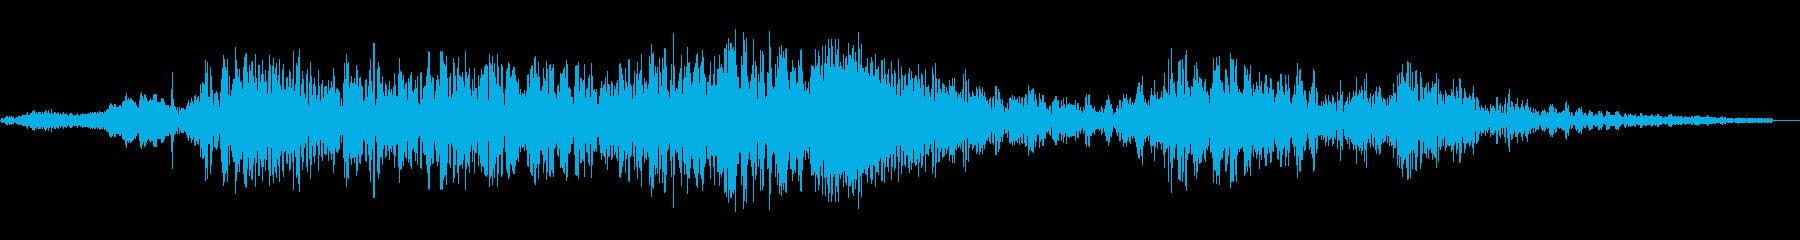 進化する巨大な液体機械の変化する形...の再生済みの波形